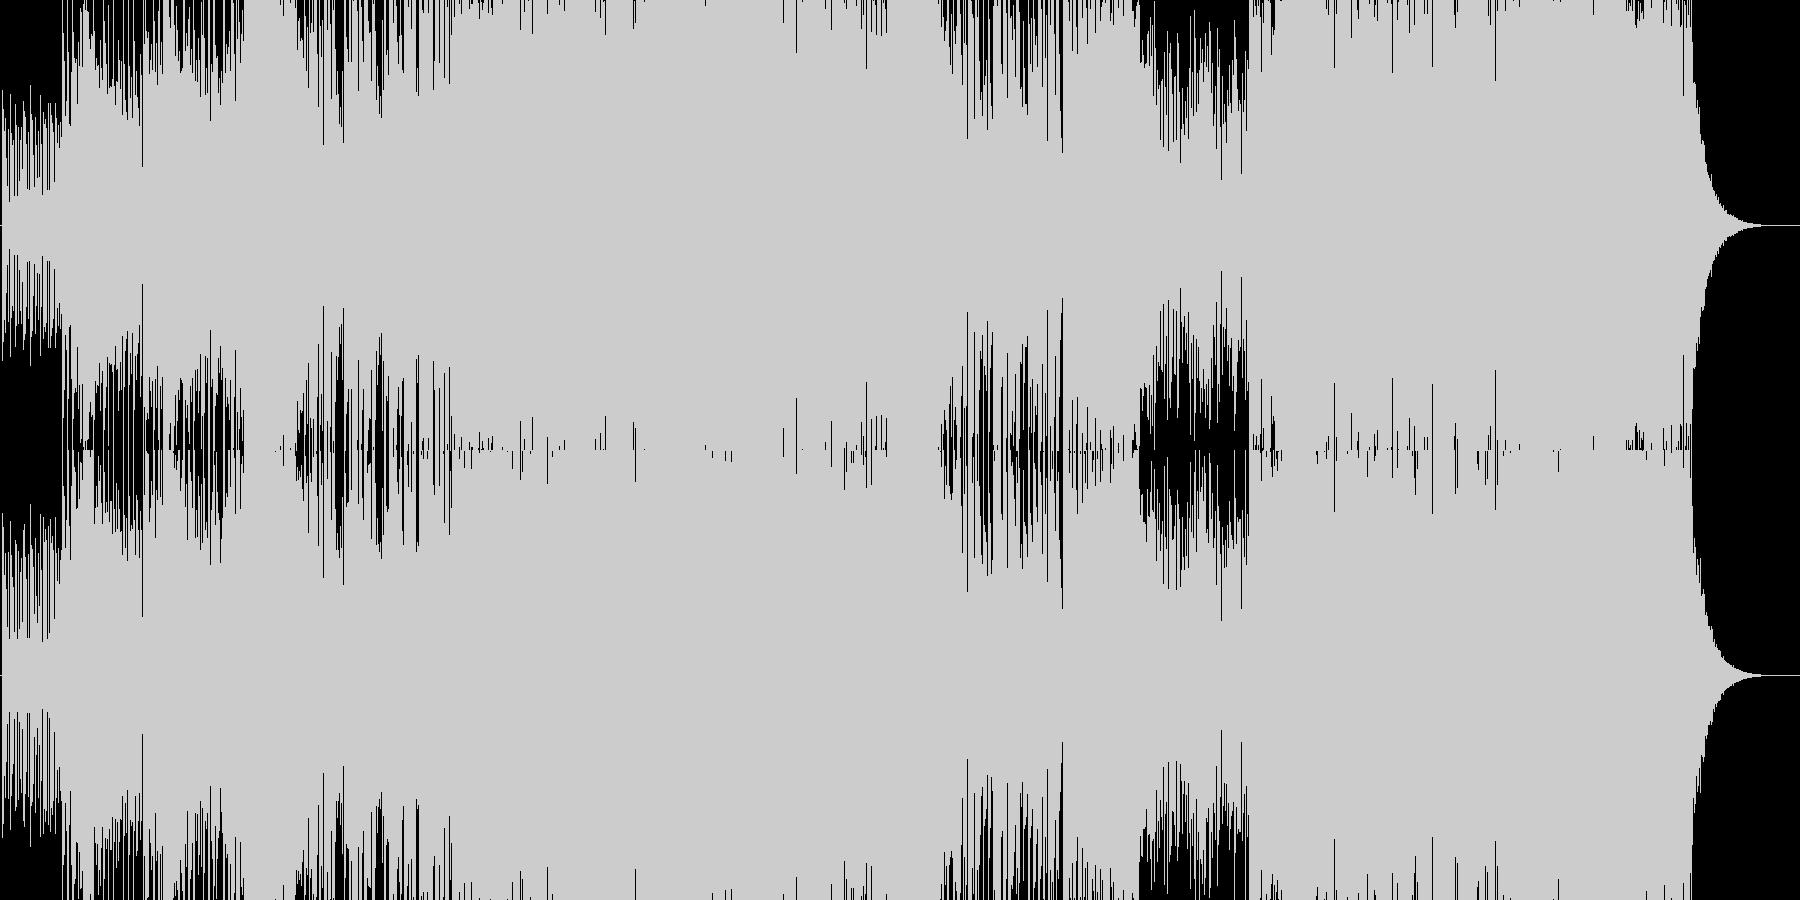 ファンク要素のあるエレクトロの未再生の波形